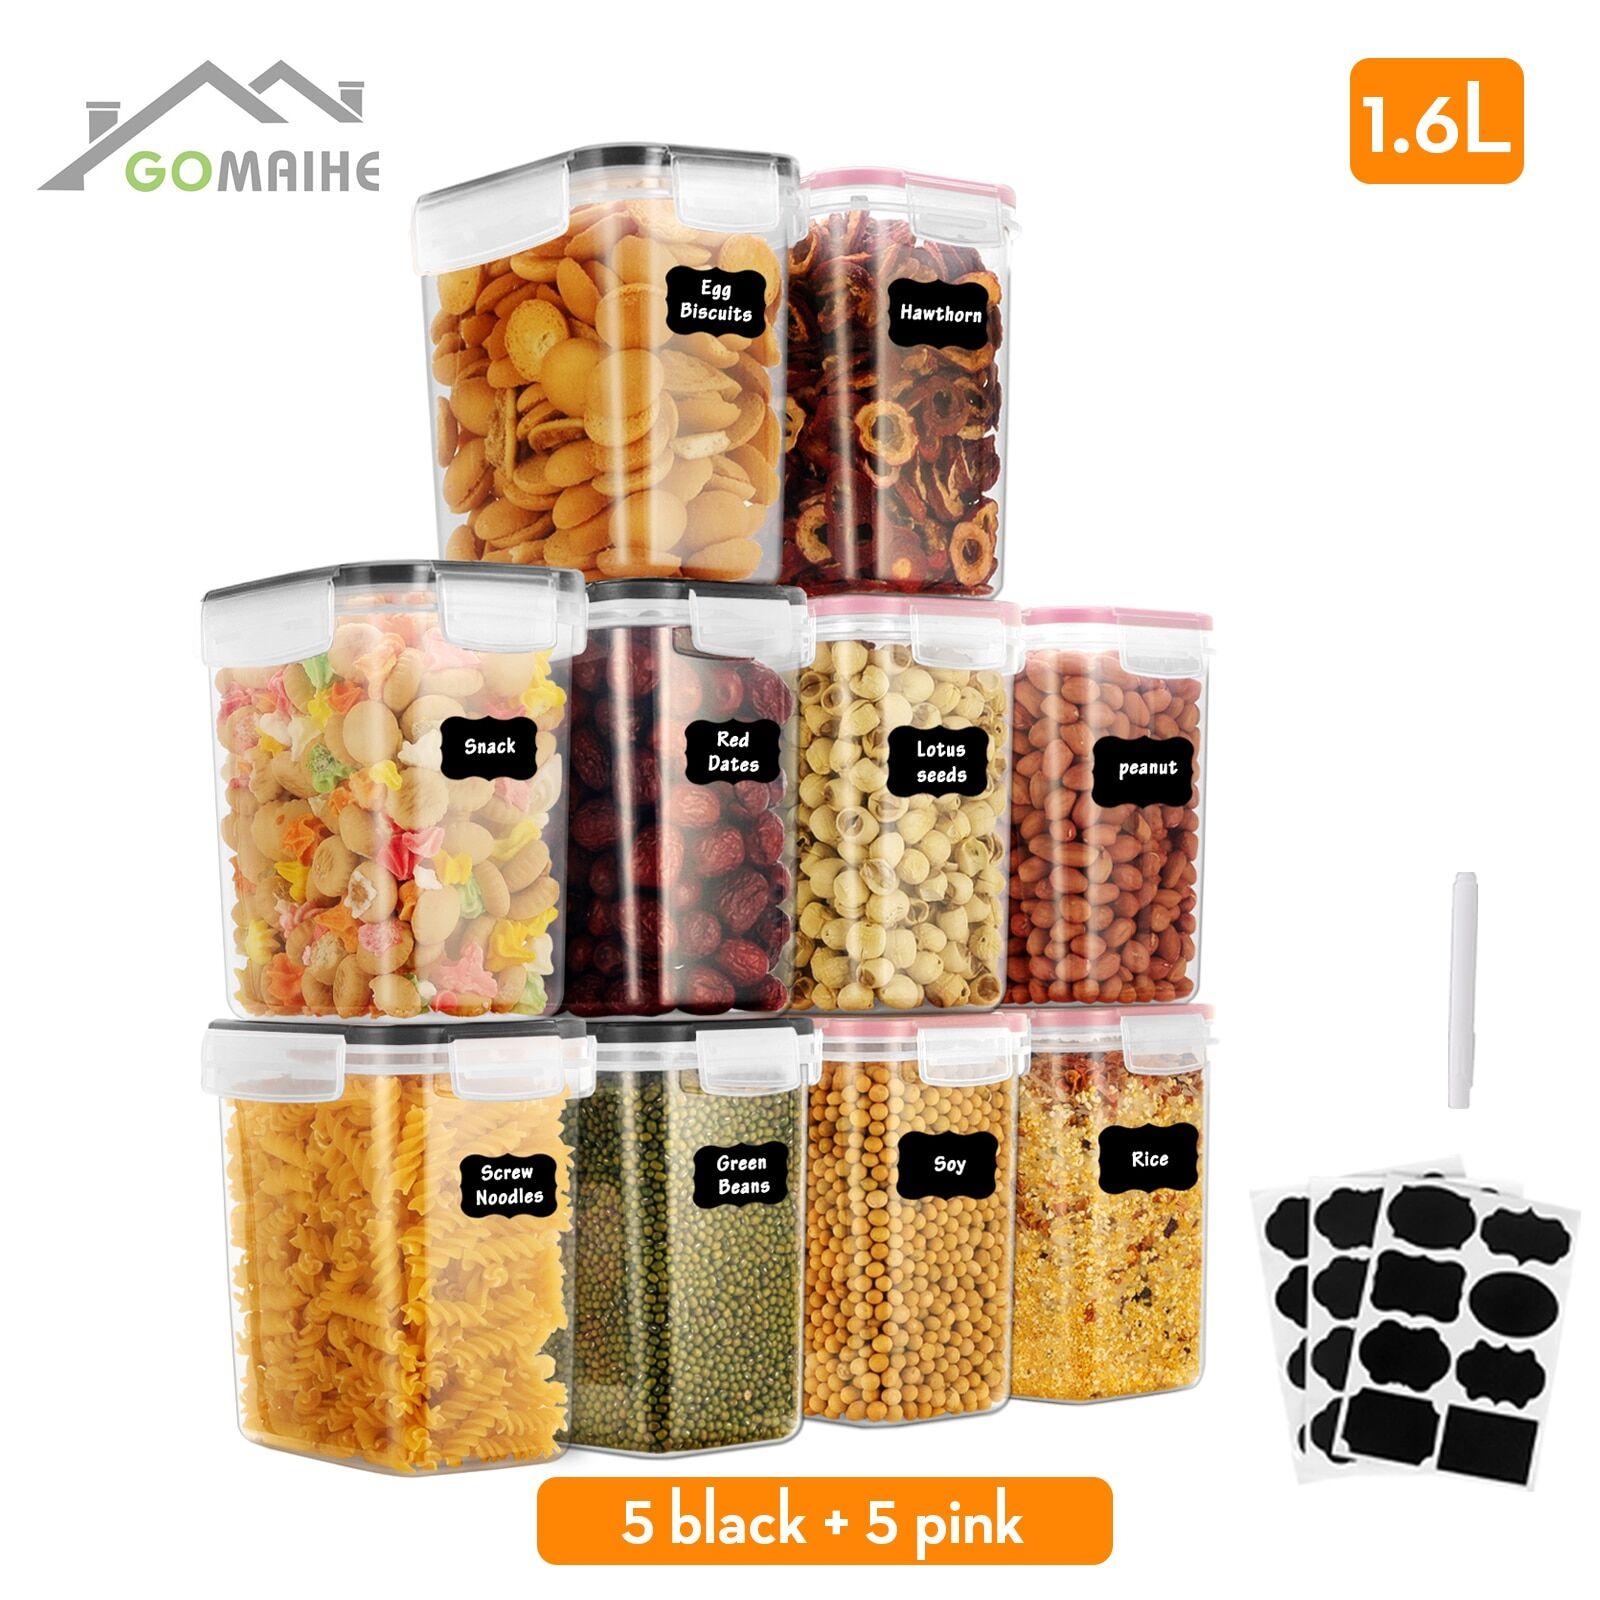 AliExpress GoMaihe8/10 pièces distributeur cereales rangement cuisine boite transparente boite alimentaire